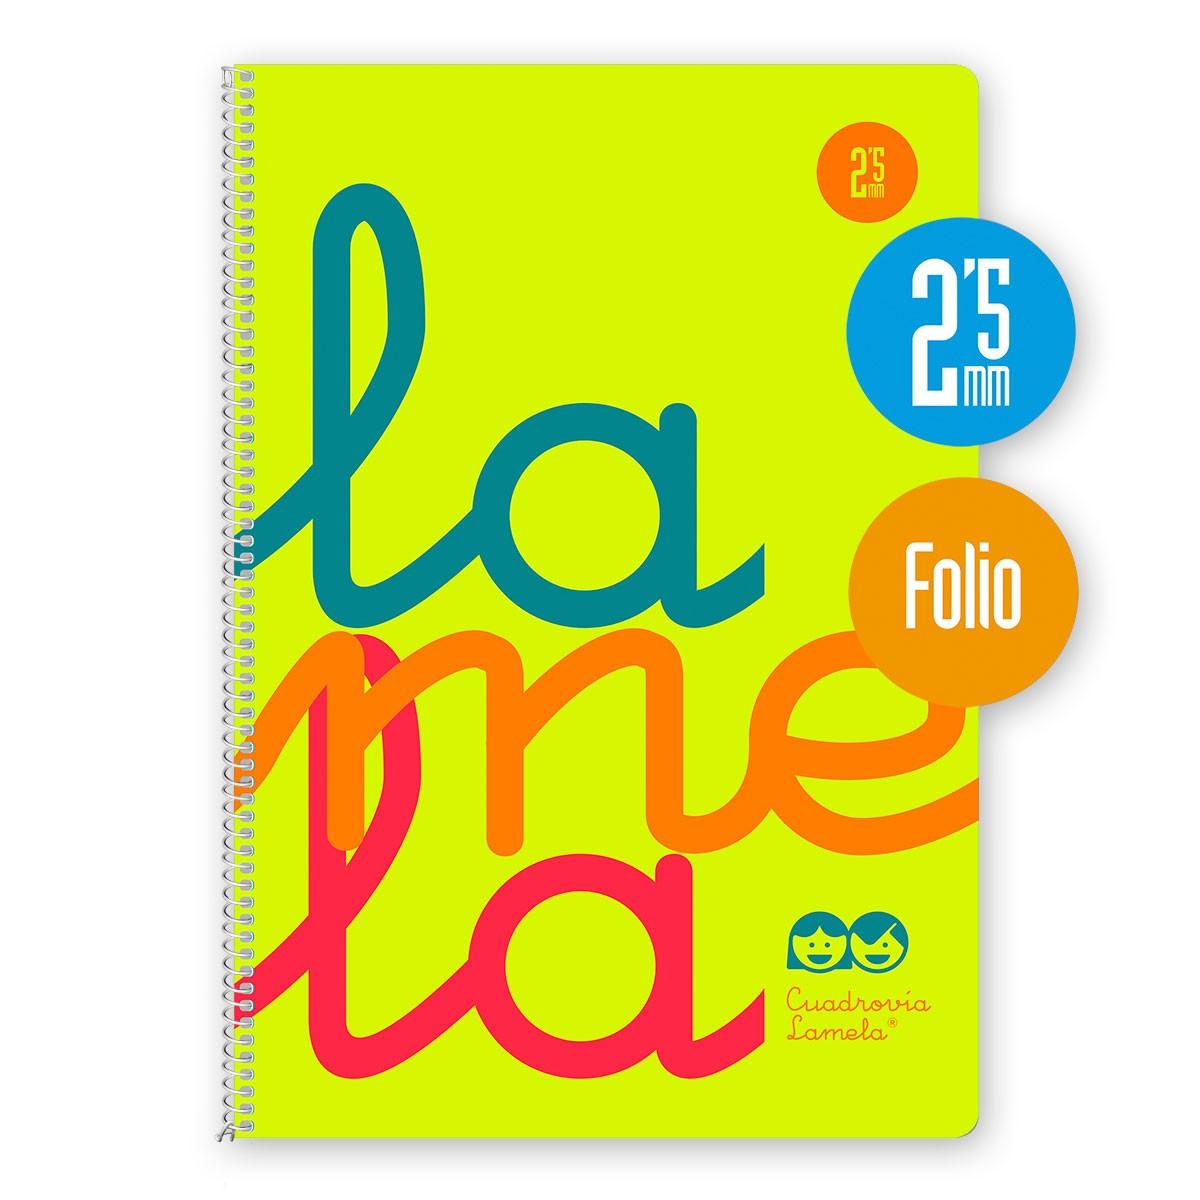 Cuaderno Espiral Folio 80 Hojas, 90 Grs. Cubierta Polipropileno Fluor. AMARILLO. Cuadrovía 2,5mm.